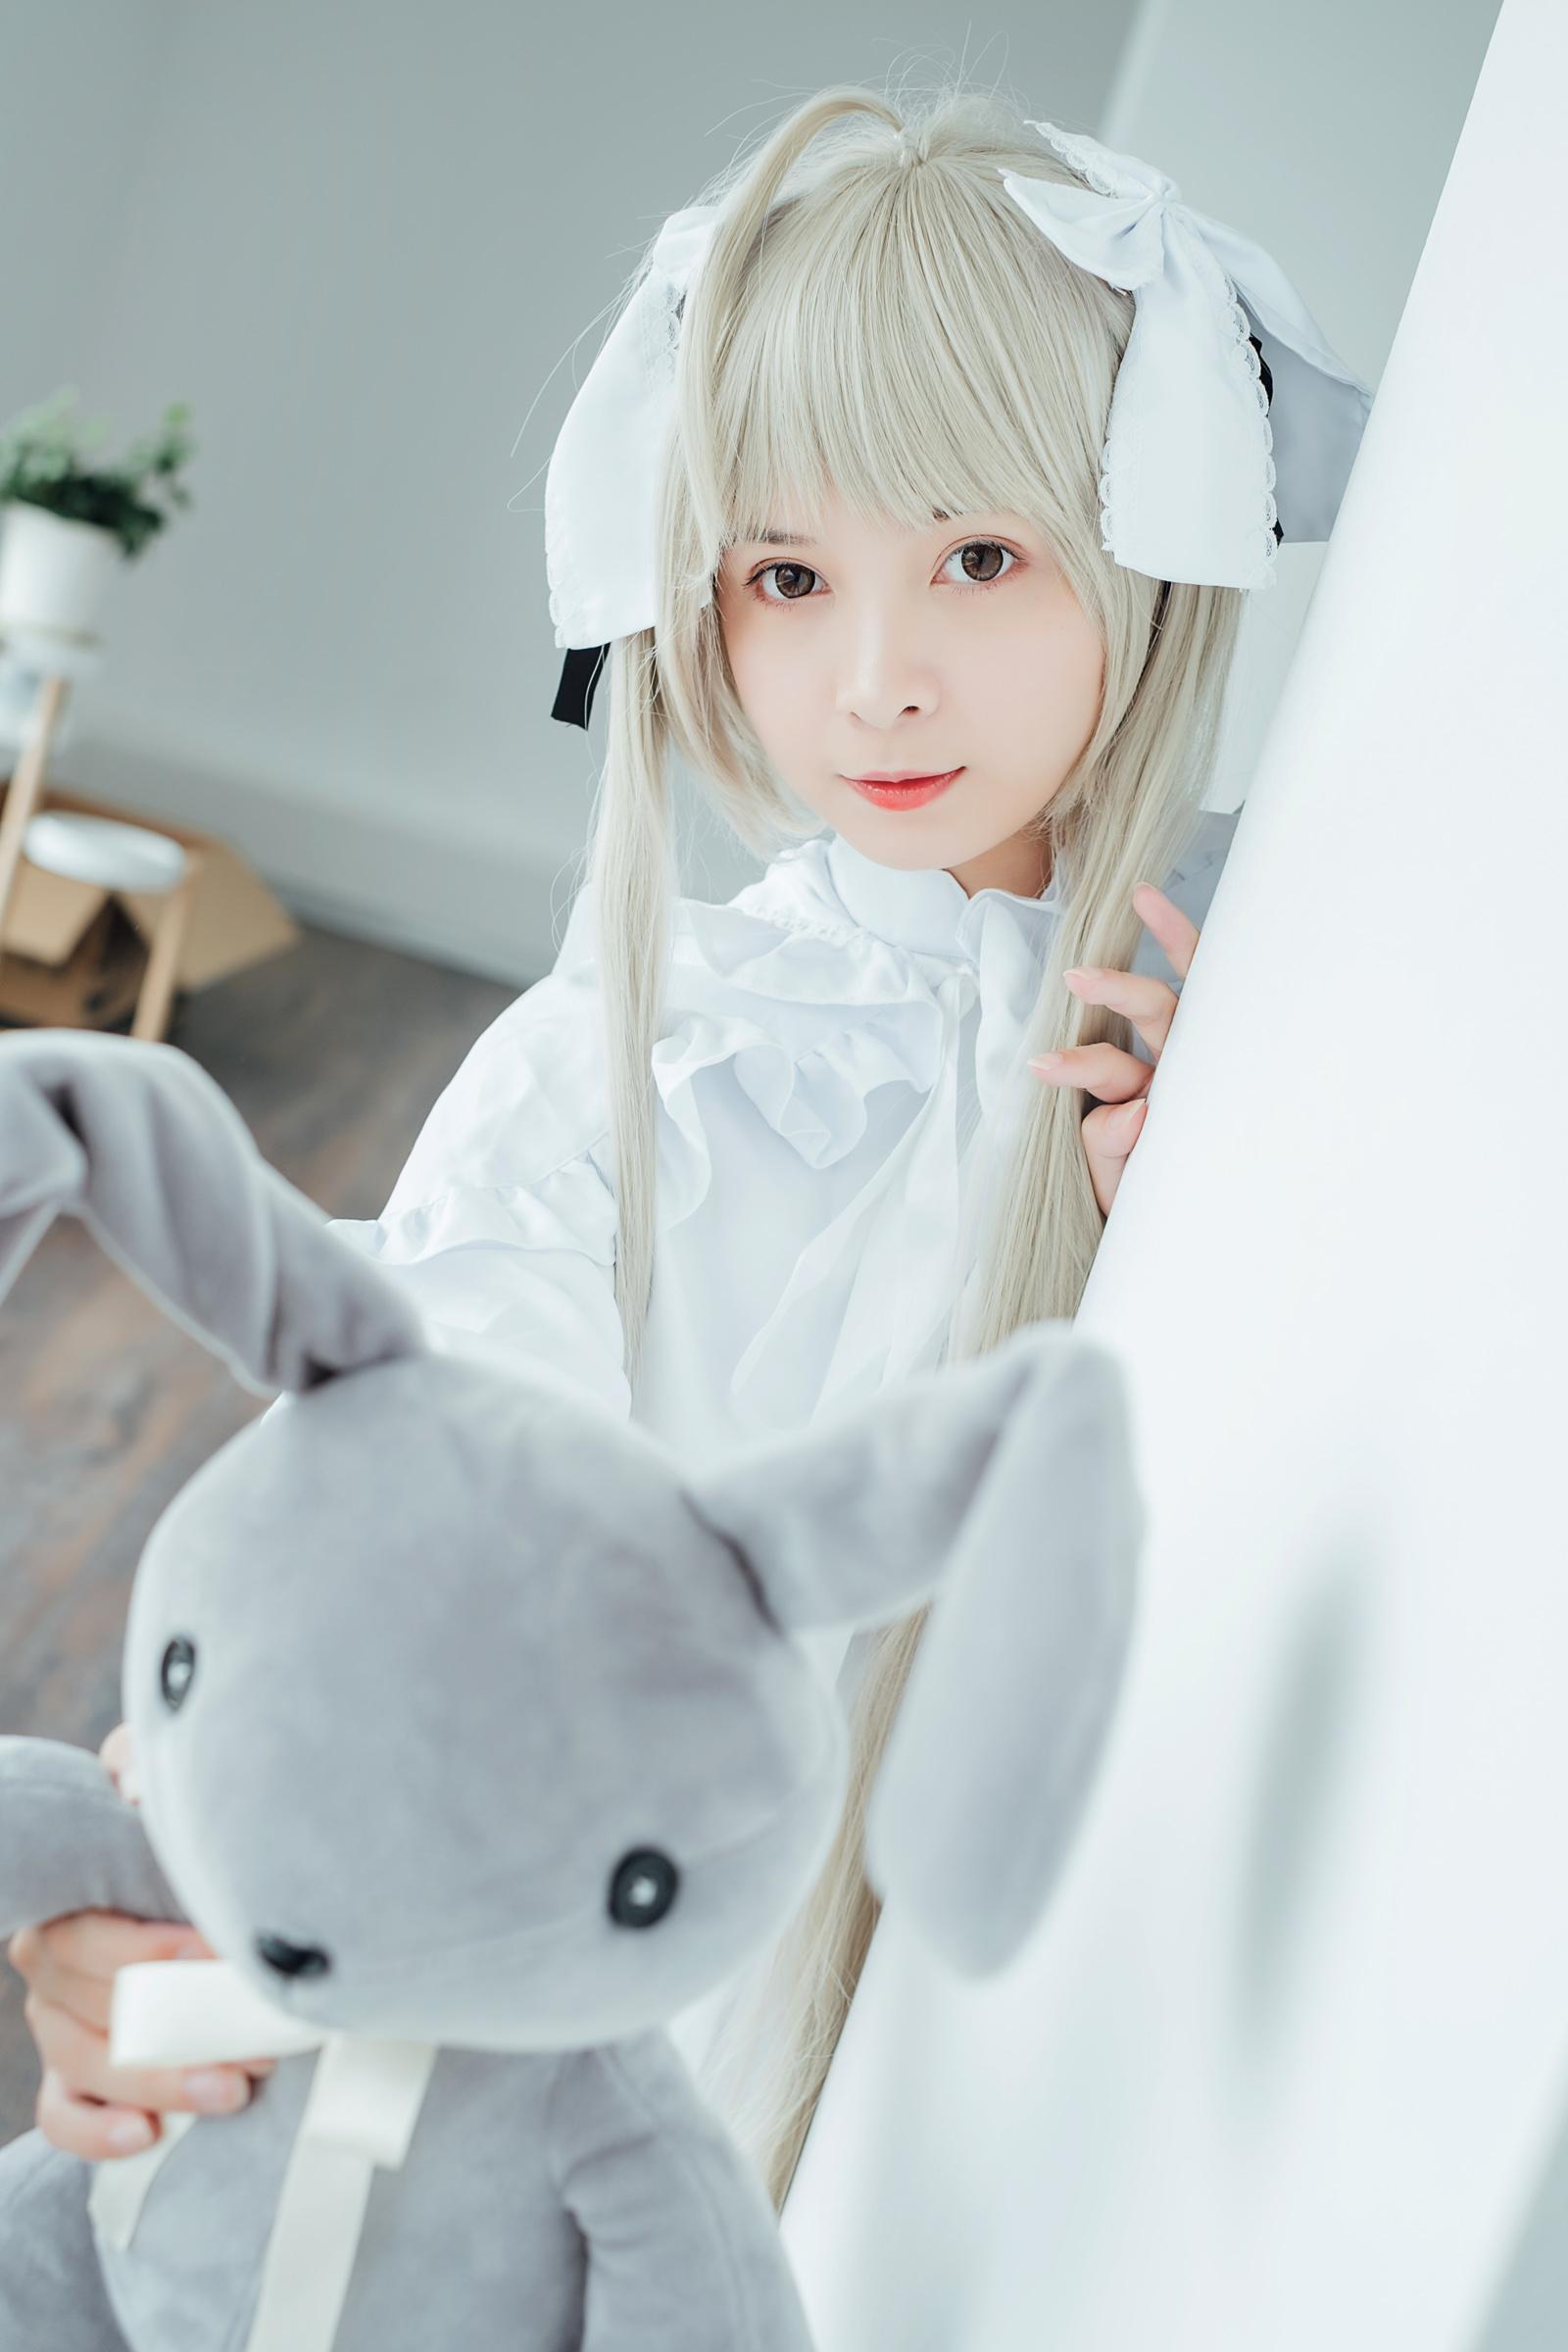 美女萝莉刘丽娜cosplay极品人体艺术写真图